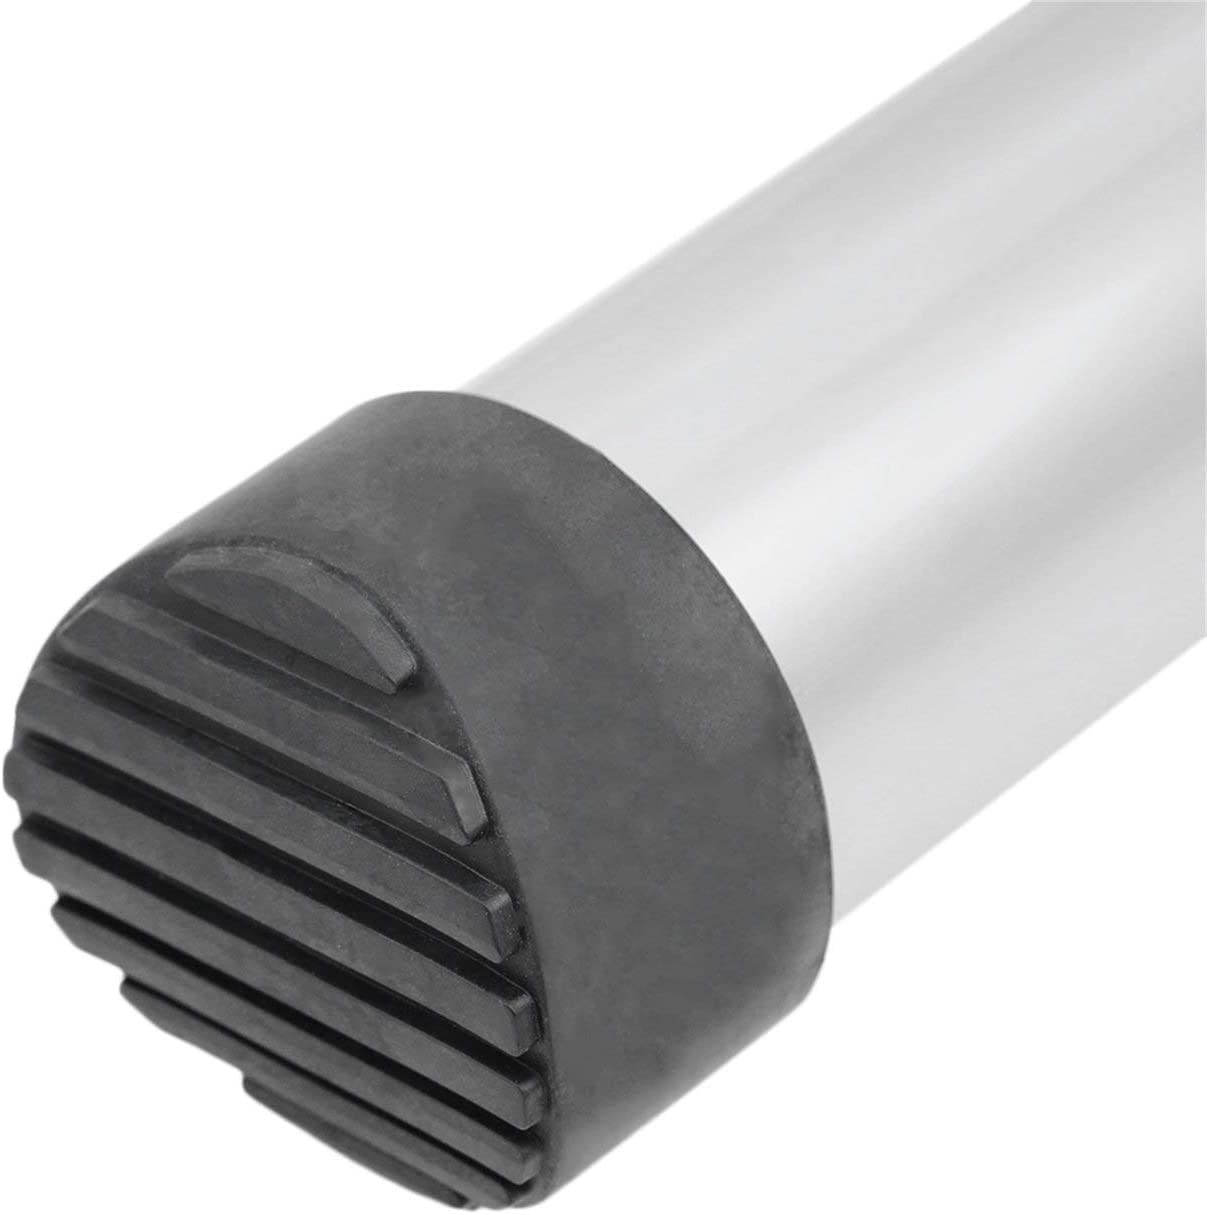 Detectoy /Échelle t/élescopique 2.6M Extension d/échelle t/élescopique en Aluminium Polyvalente /étendre l/échelle Portable /échelle Pliable